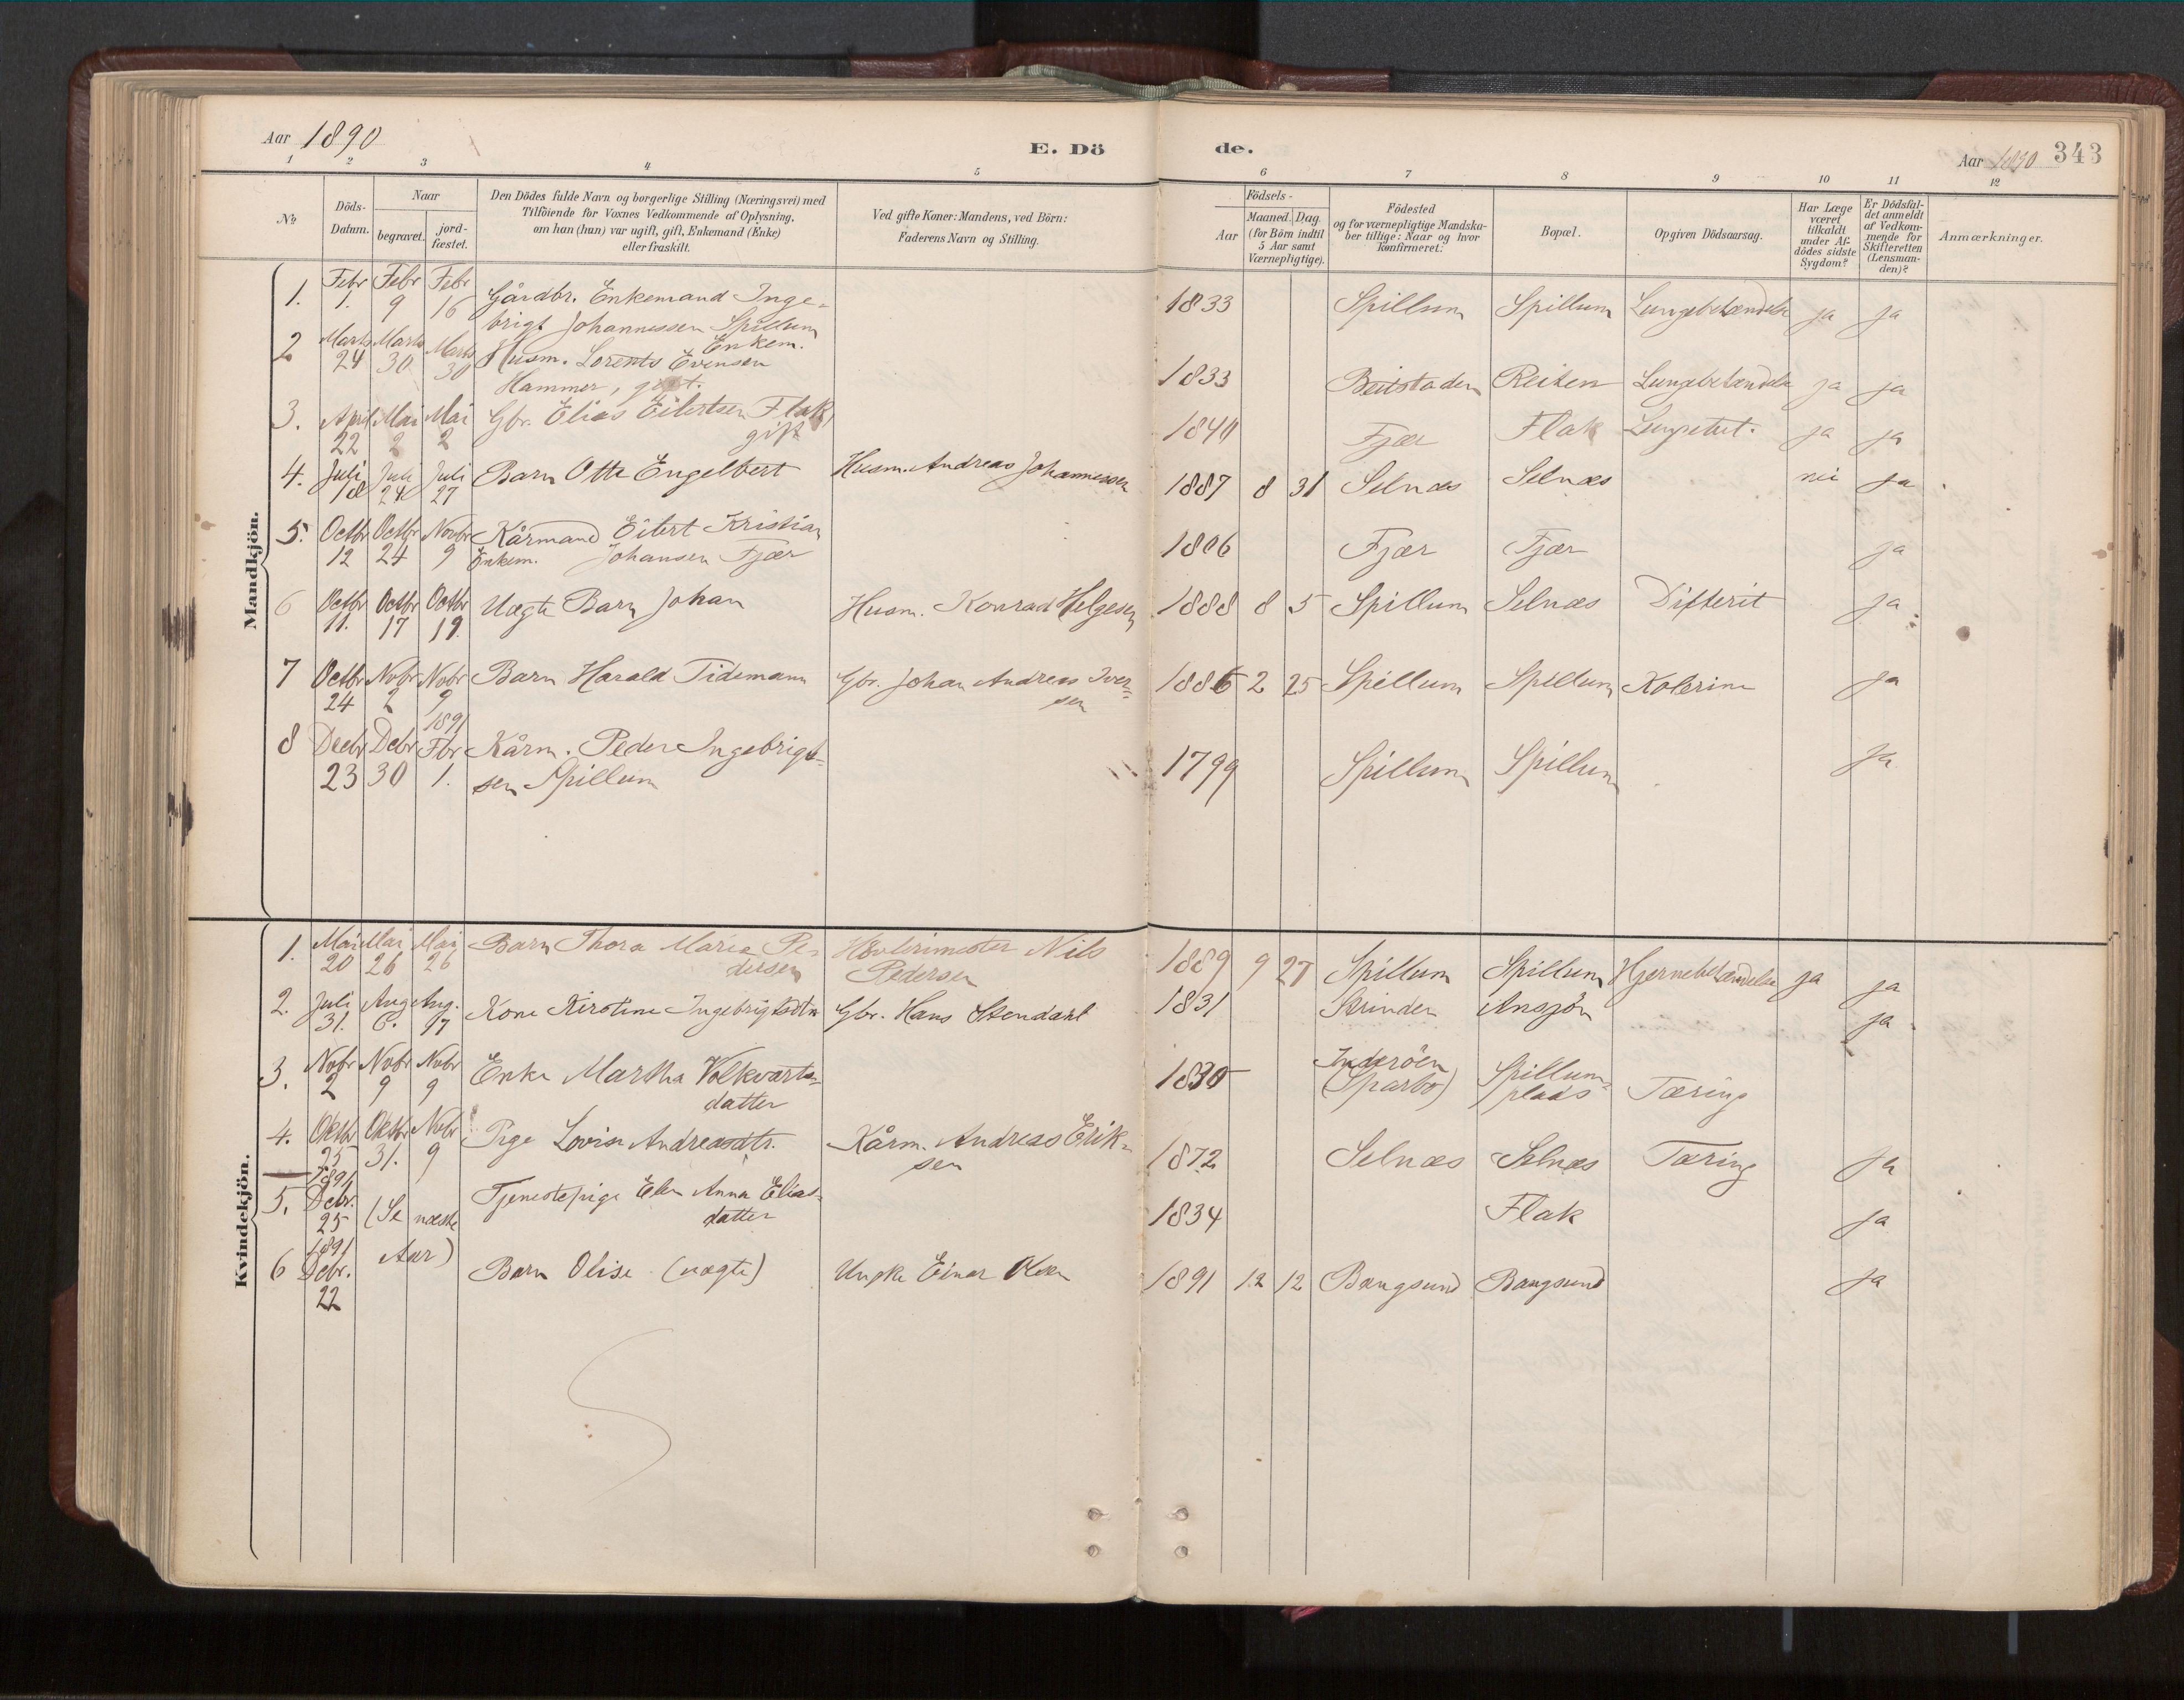 SAT, Ministerialprotokoller, klokkerbøker og fødselsregistre - Nord-Trøndelag, 770/L0589: Ministerialbok nr. 770A03, 1887-1929, s. 343